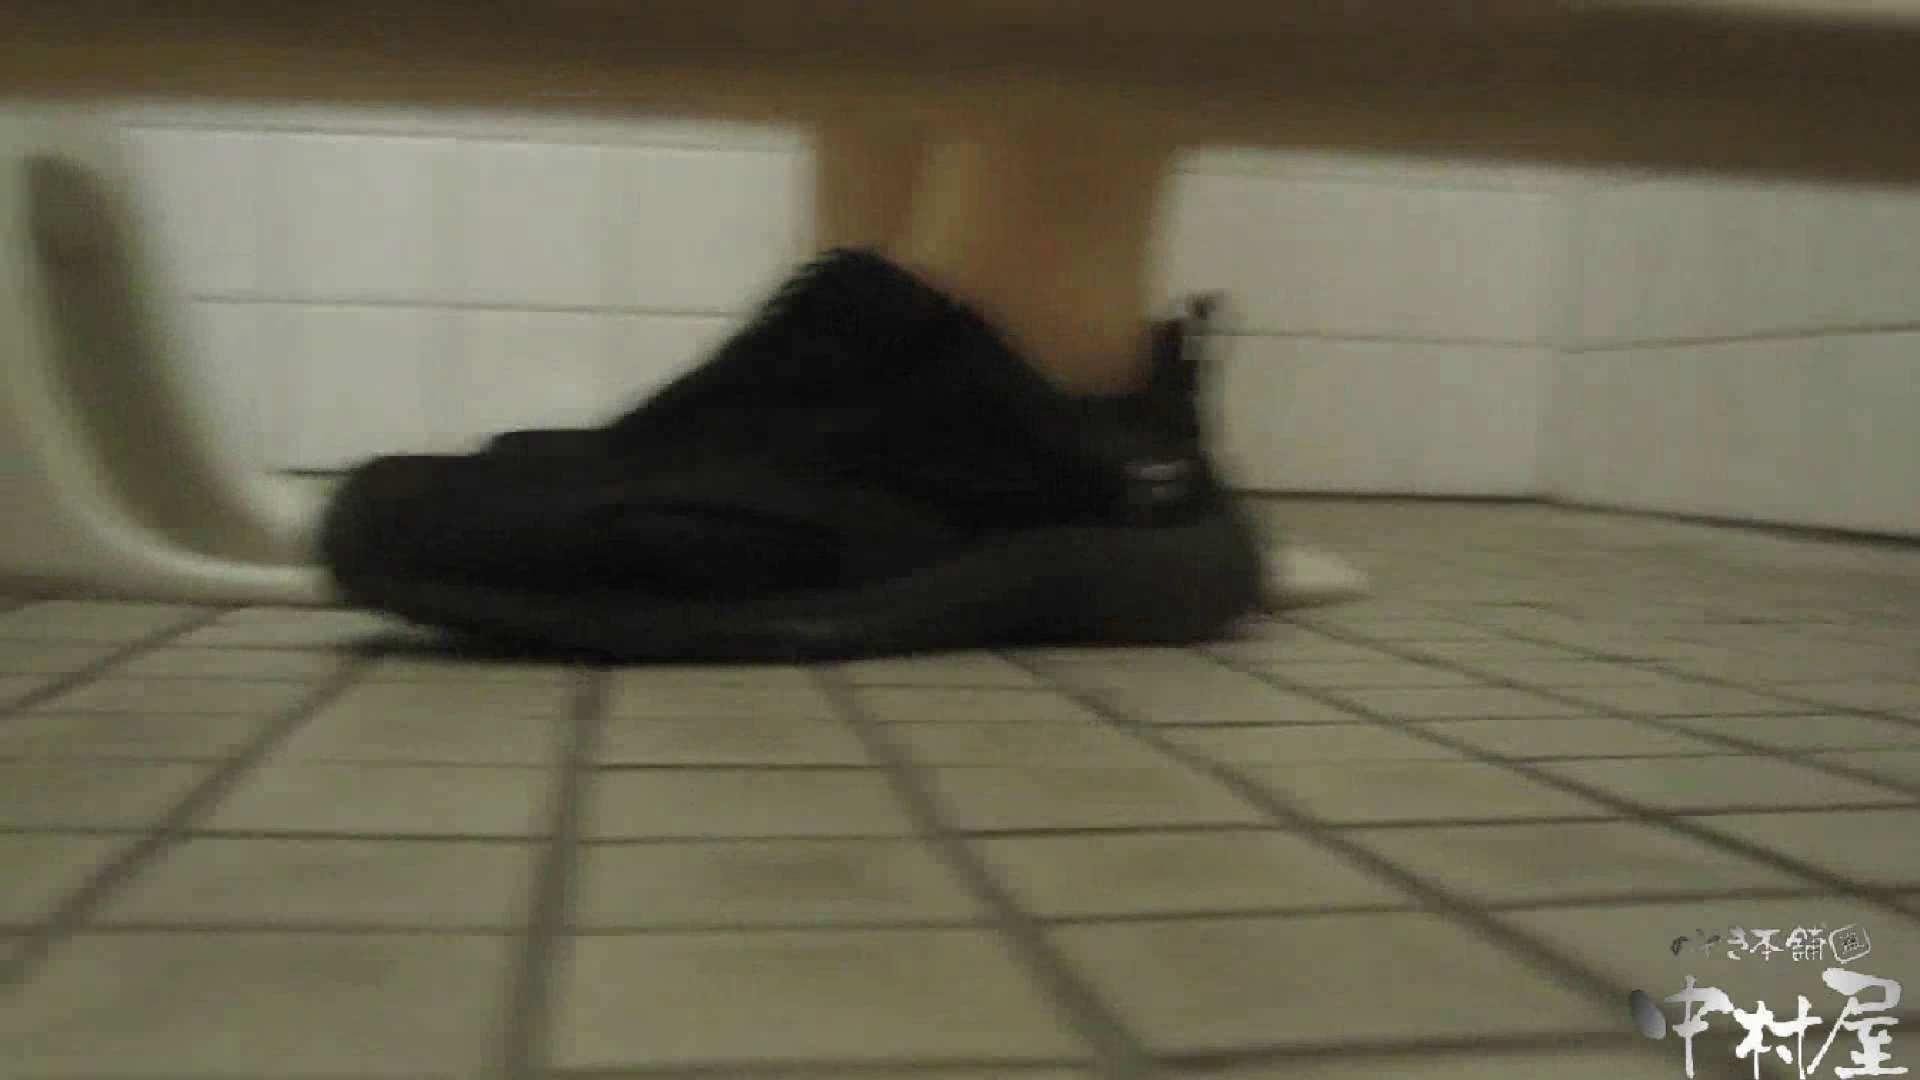 魂のかわや盗撮62連発! 運動靴の女! 37発目! 0 | 0  102pic 49